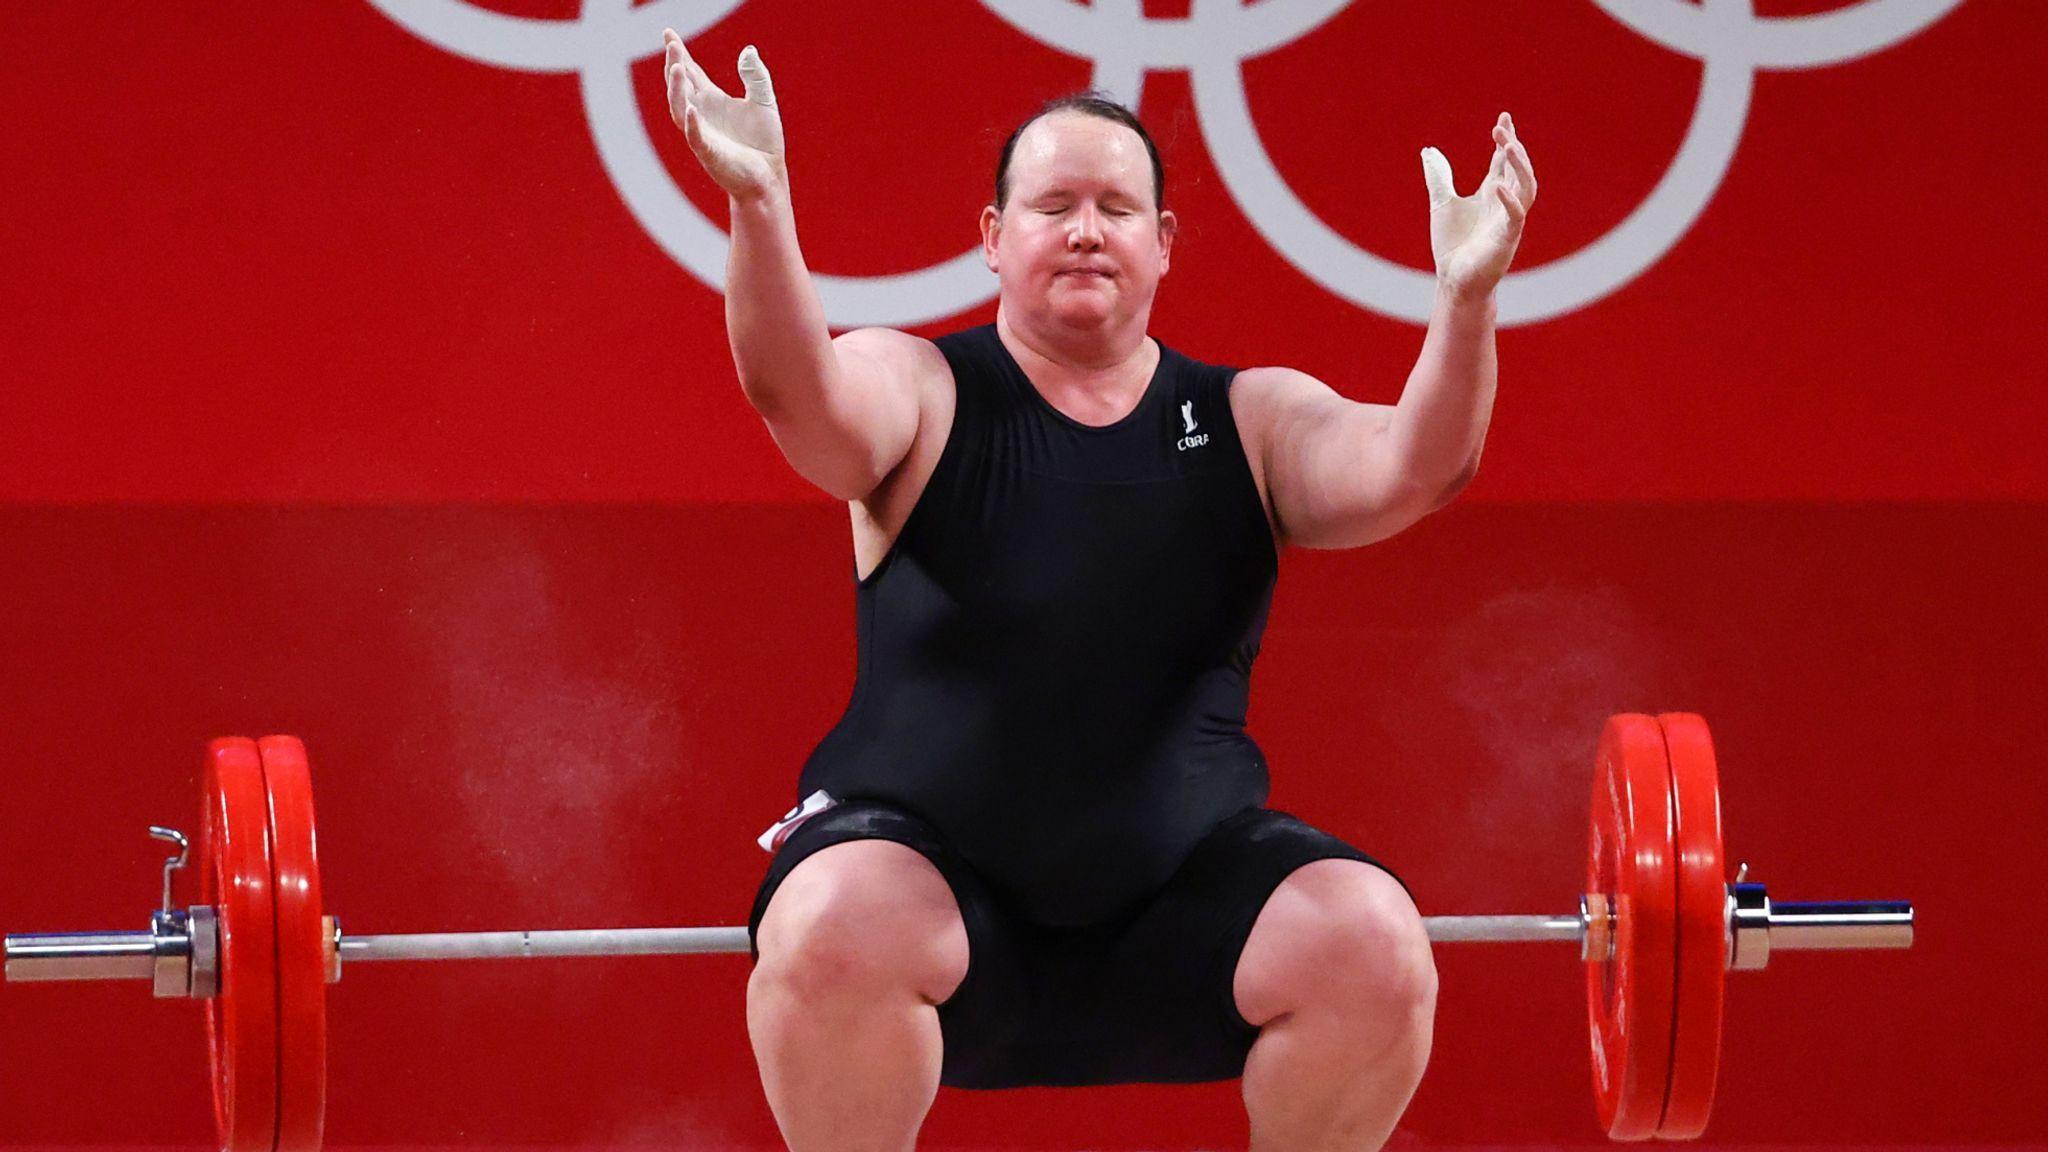 Kontroversi Atlet Transgender di Olimpiade, Ini Fakta Laurel Hubbard